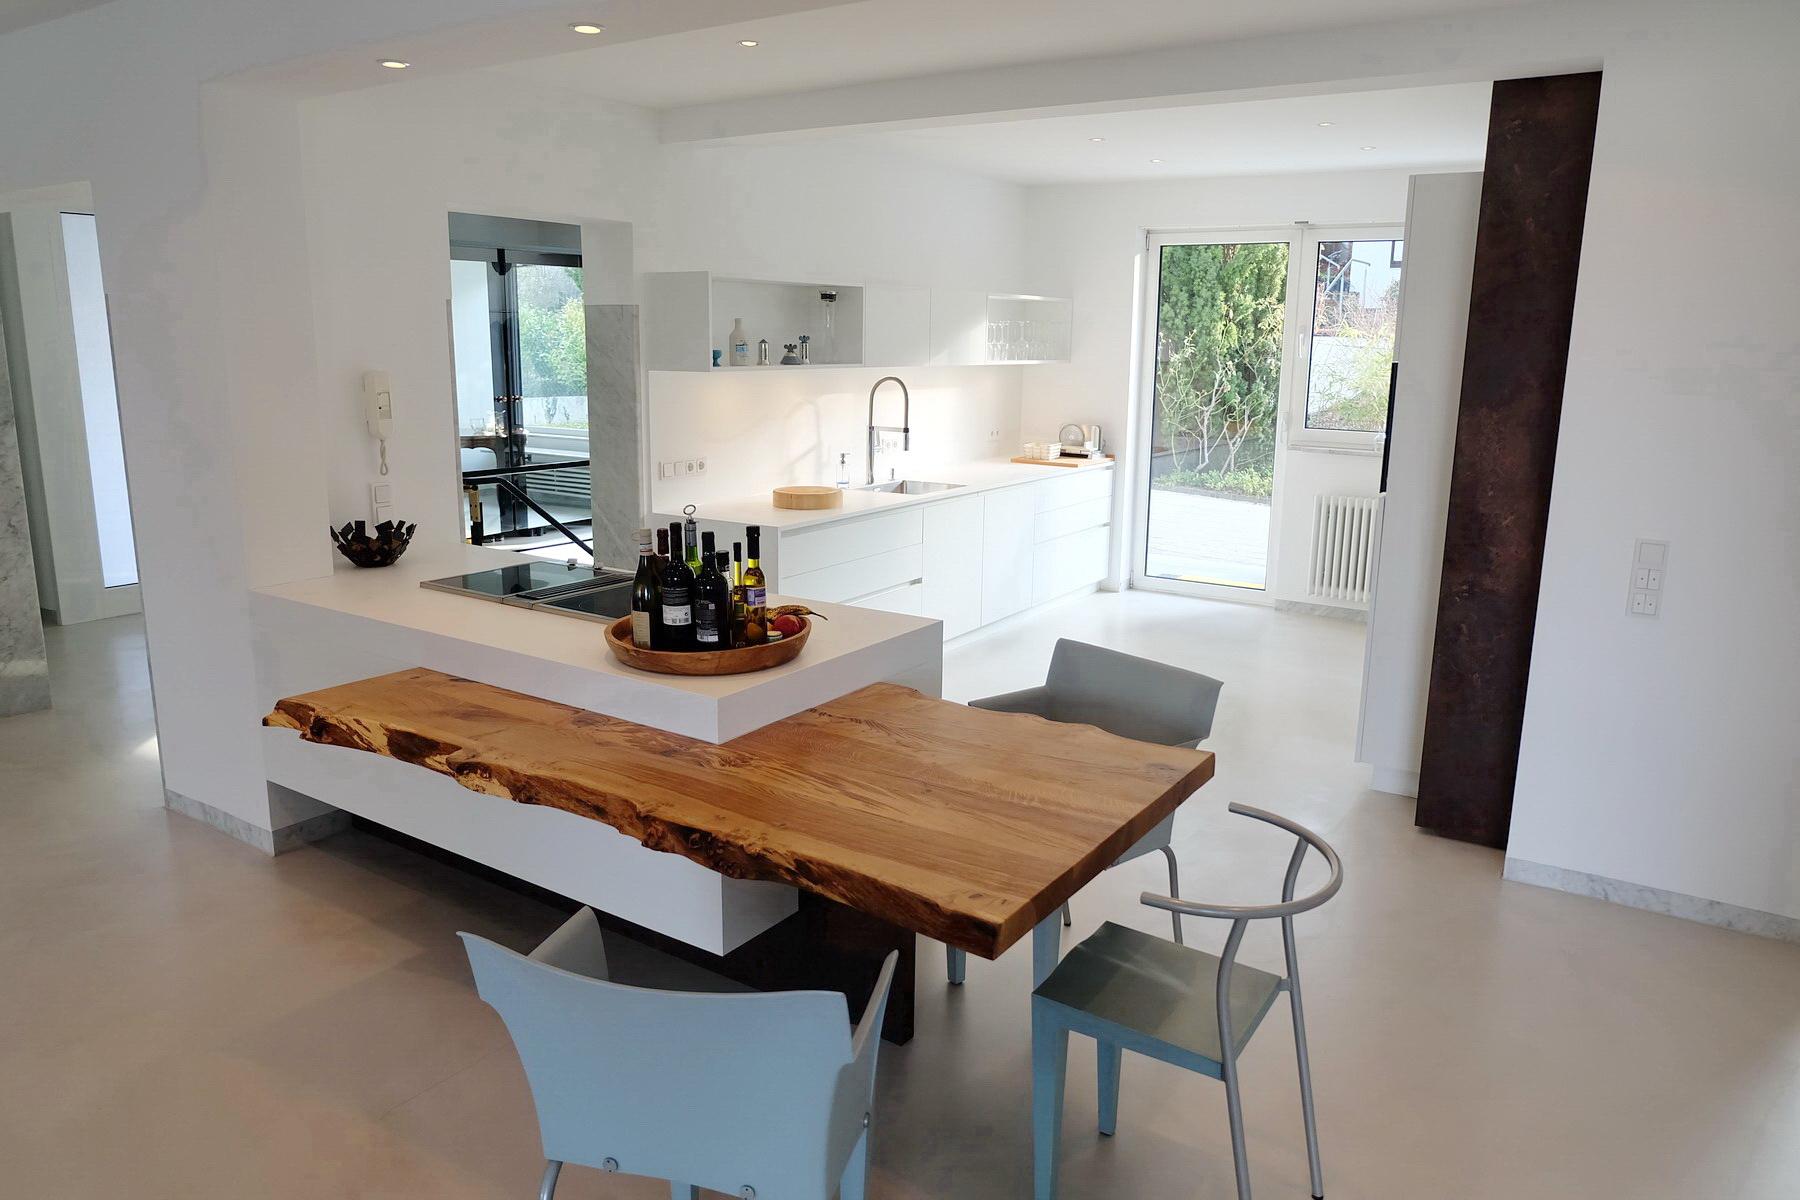 Küche mit Baumkante 1